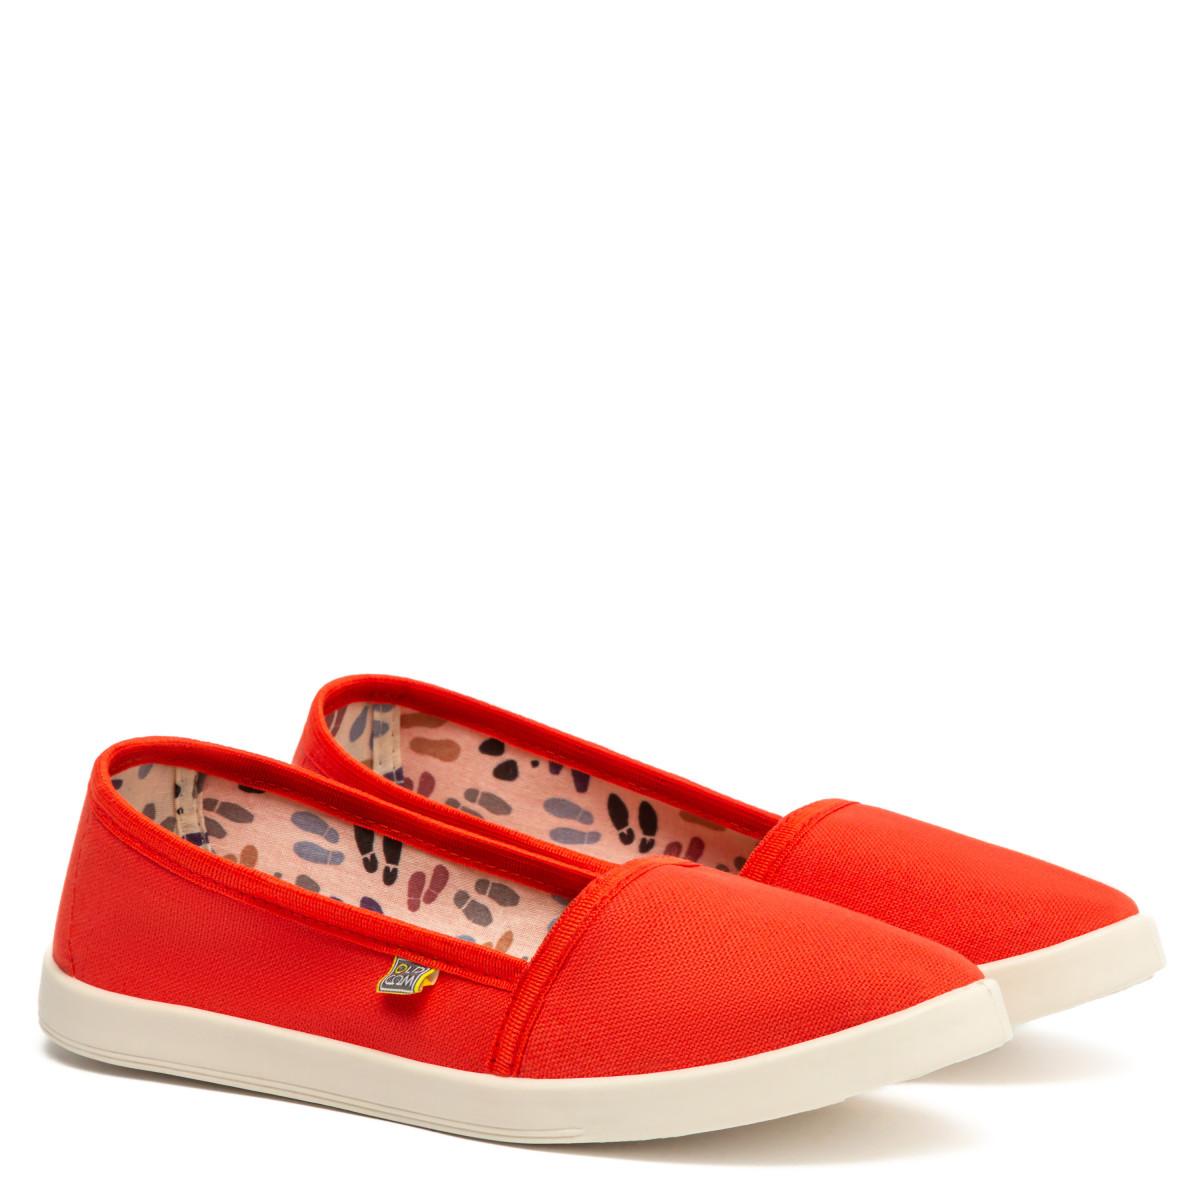 Espadrilles CANVAS, Orange